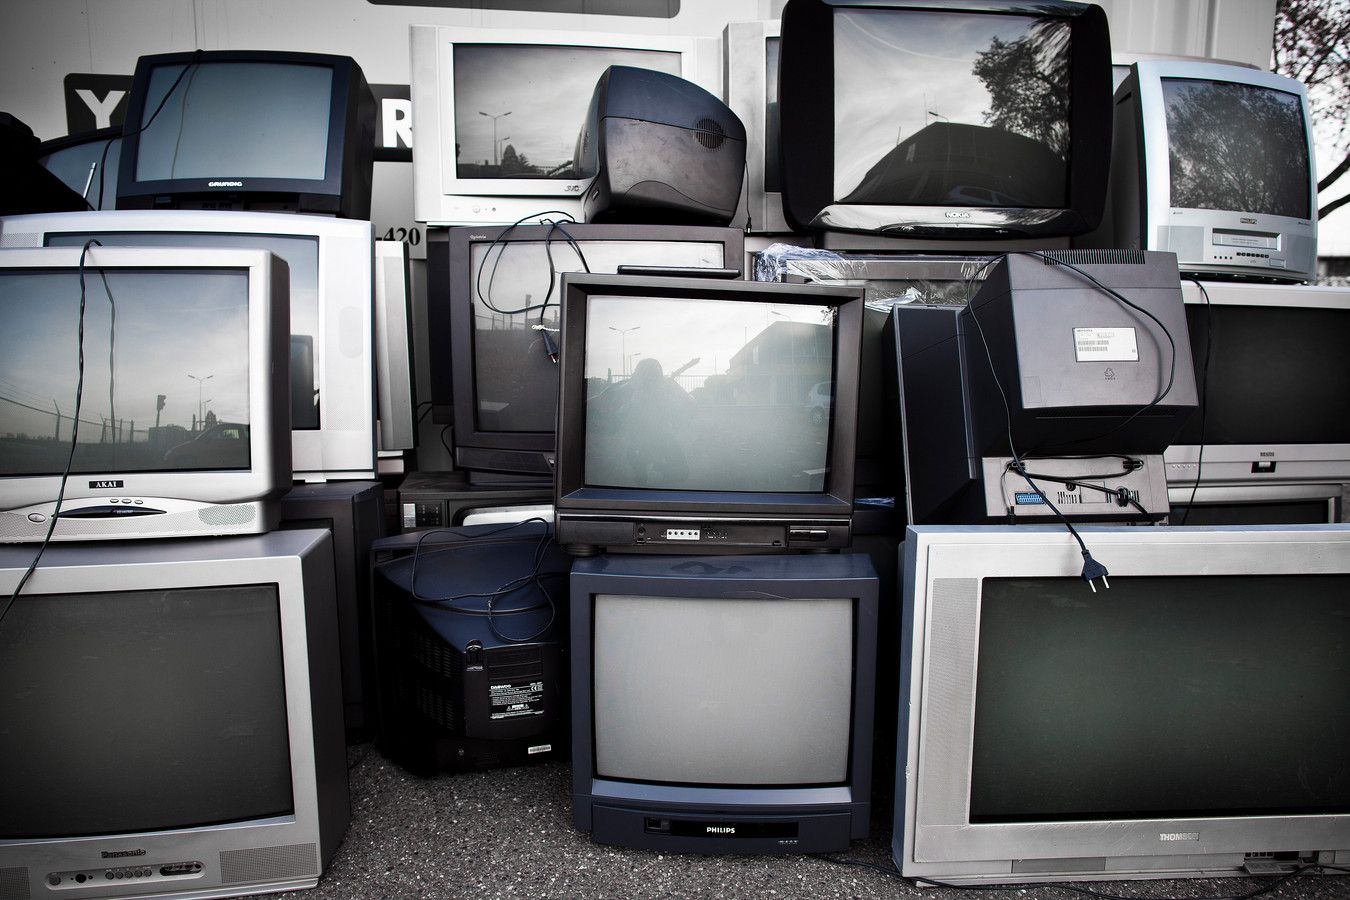 Terwijl platte tv's steeds meer in zwang raakten, probeerden elektronicafabrikanten waaronder Philips nog te verdienen aan beeldbuis-schermen. Diverse grote fabrikanten maakten prijsafspraken.